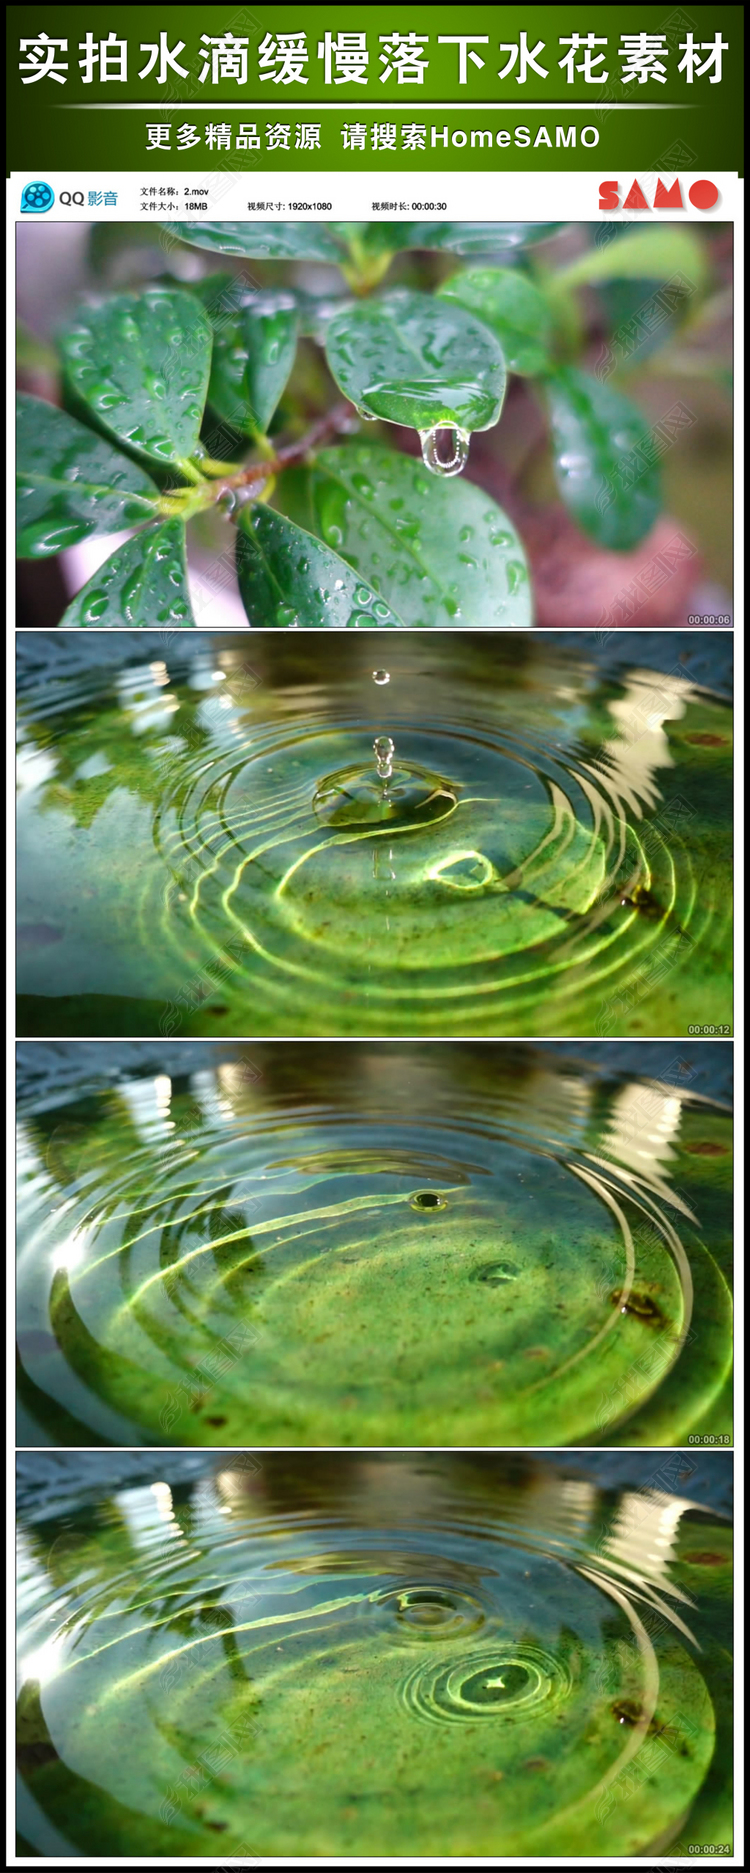 水滴缓慢落下水花实绿叶拍视频素材